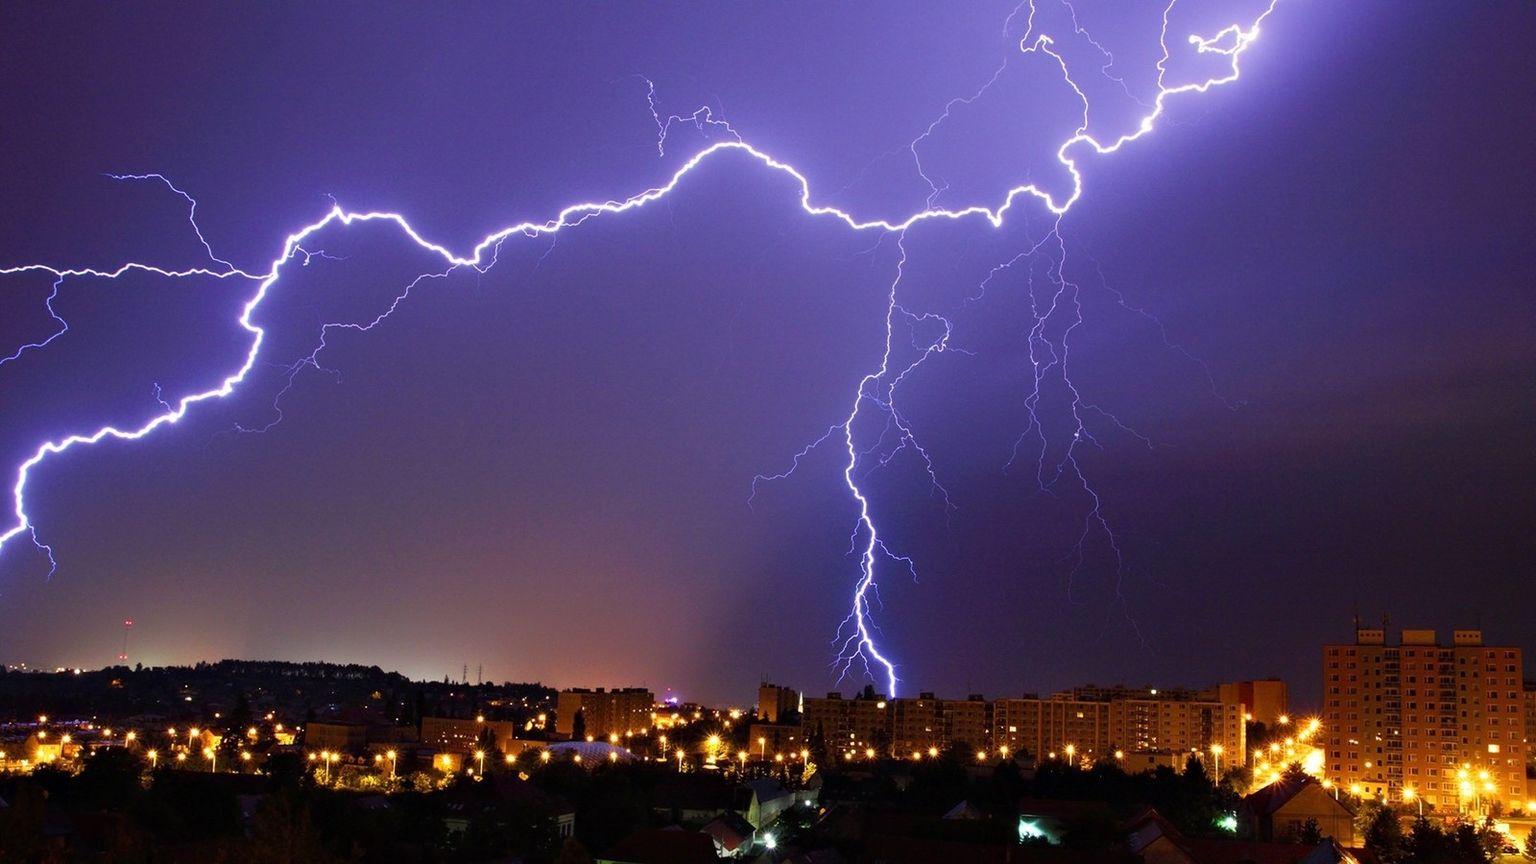 любим качественное фото молнии своеобразные